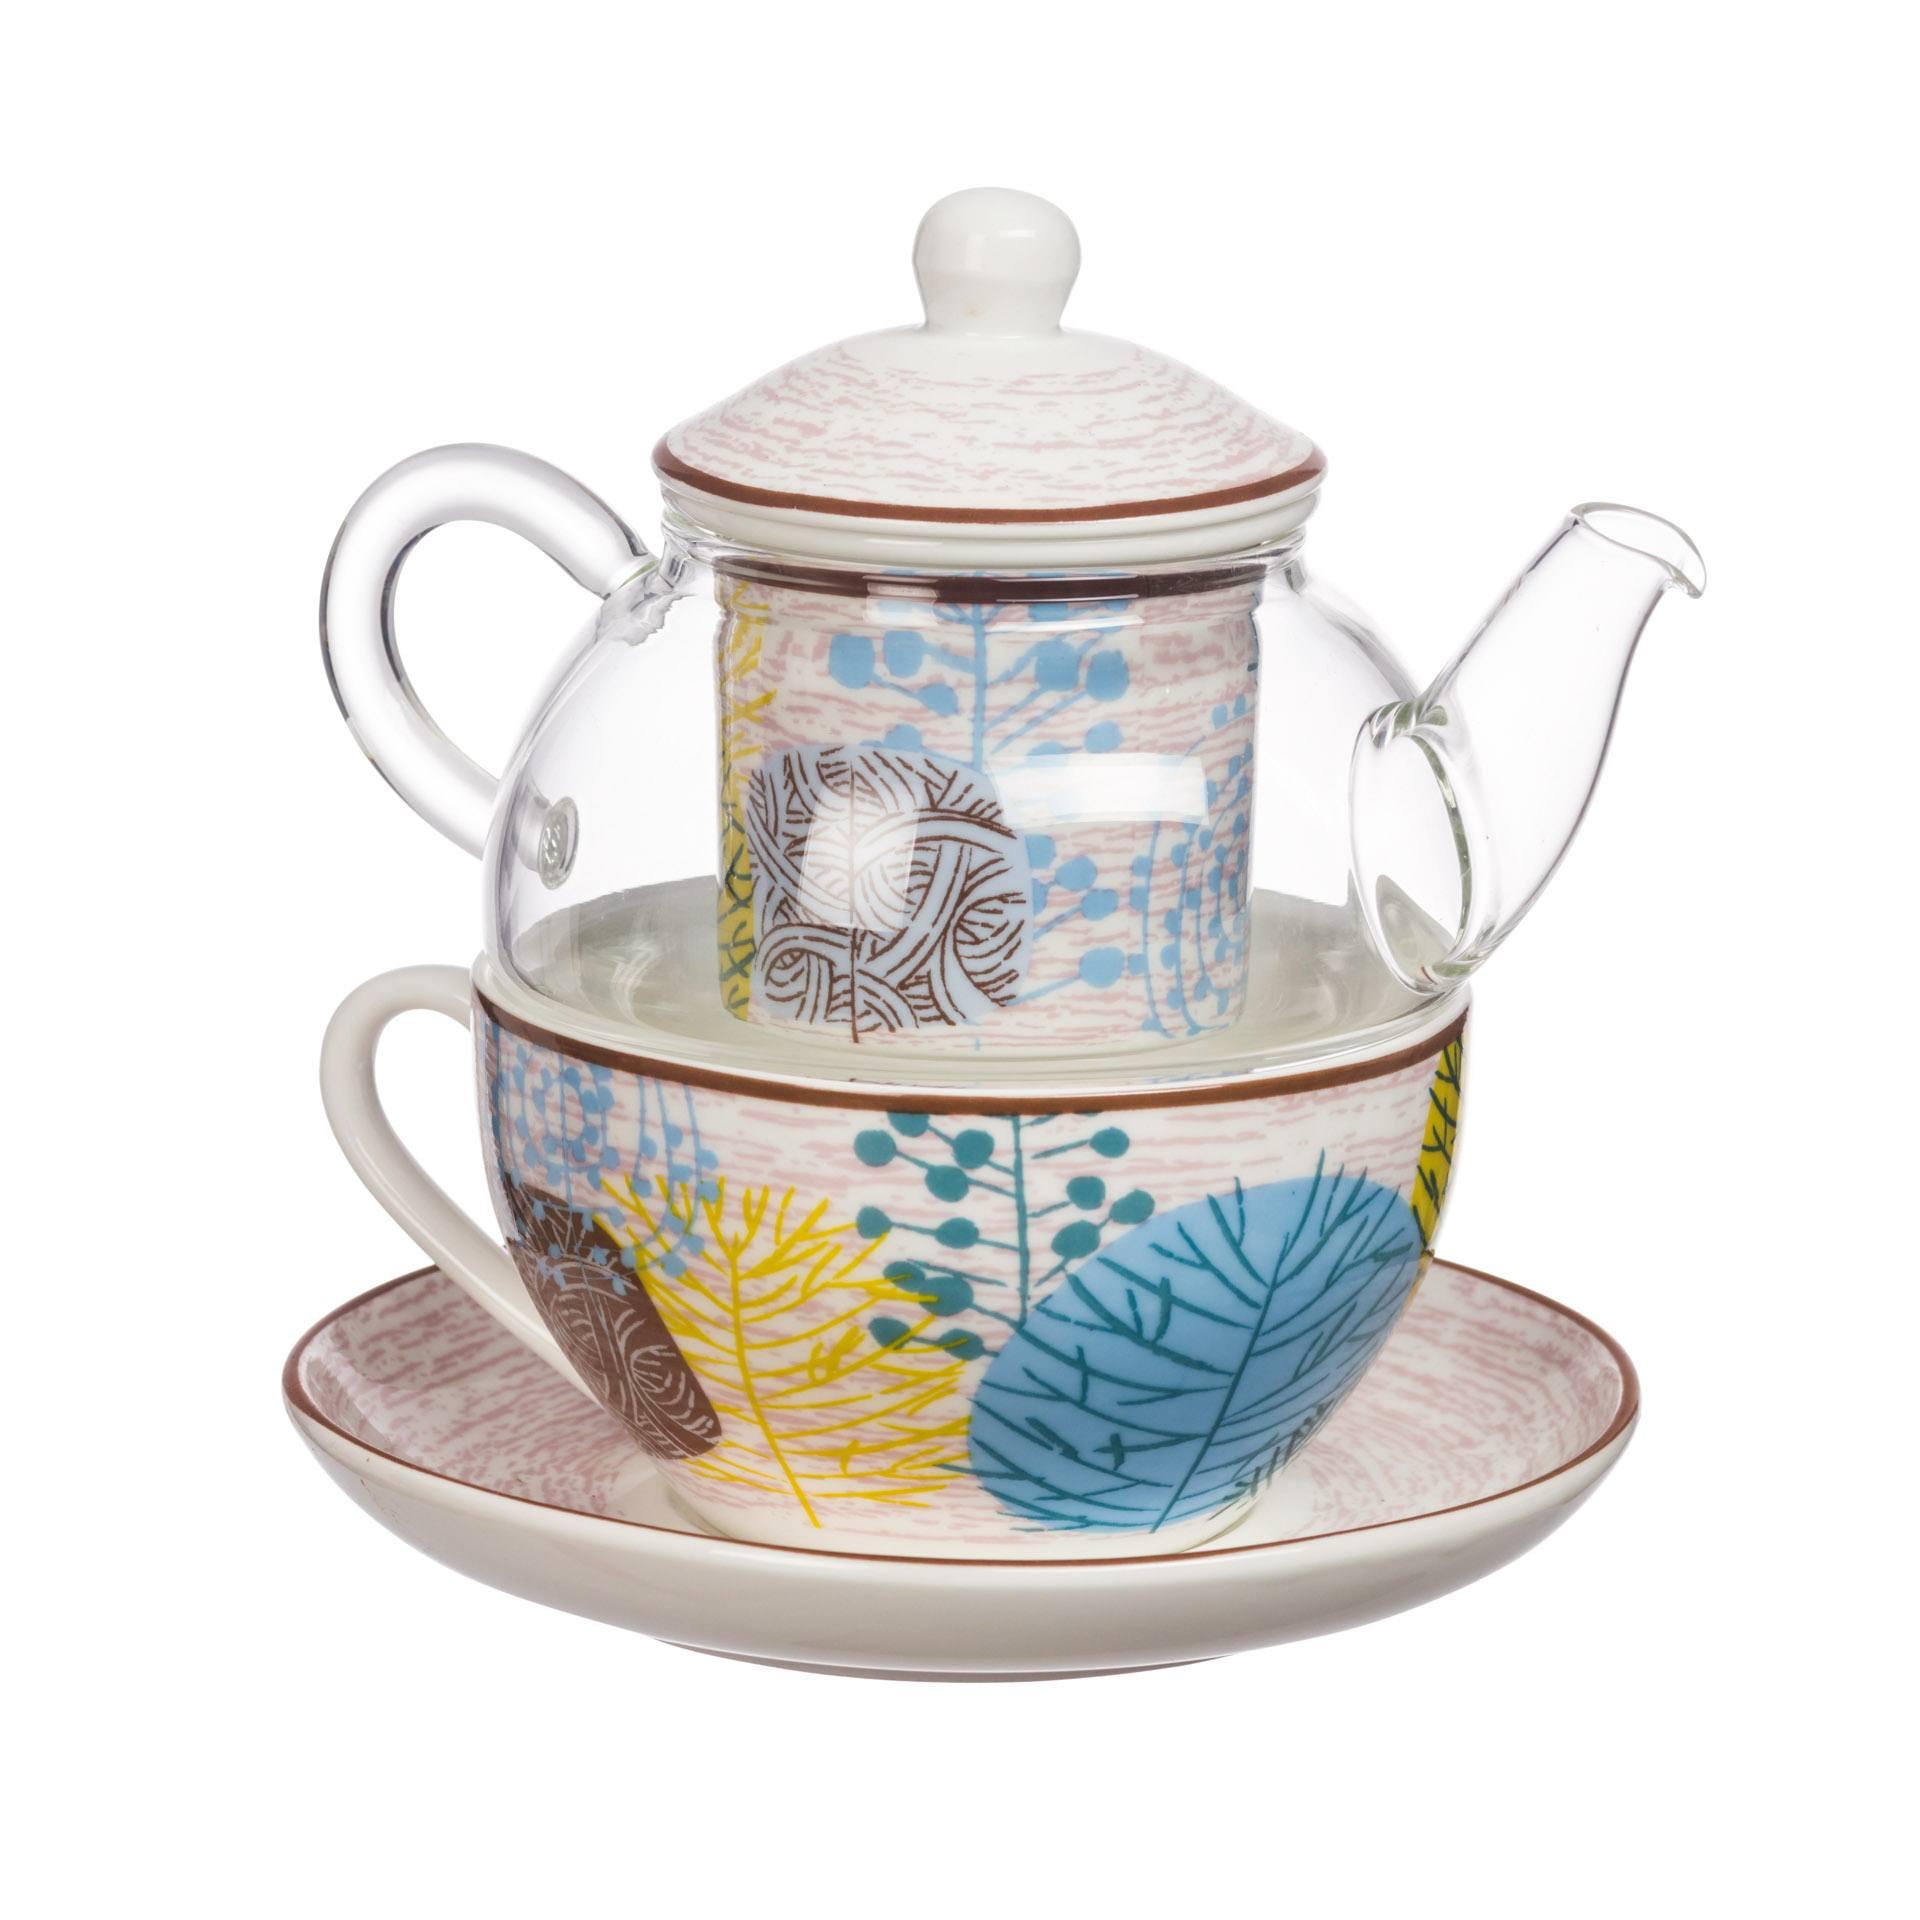 Andean teacup